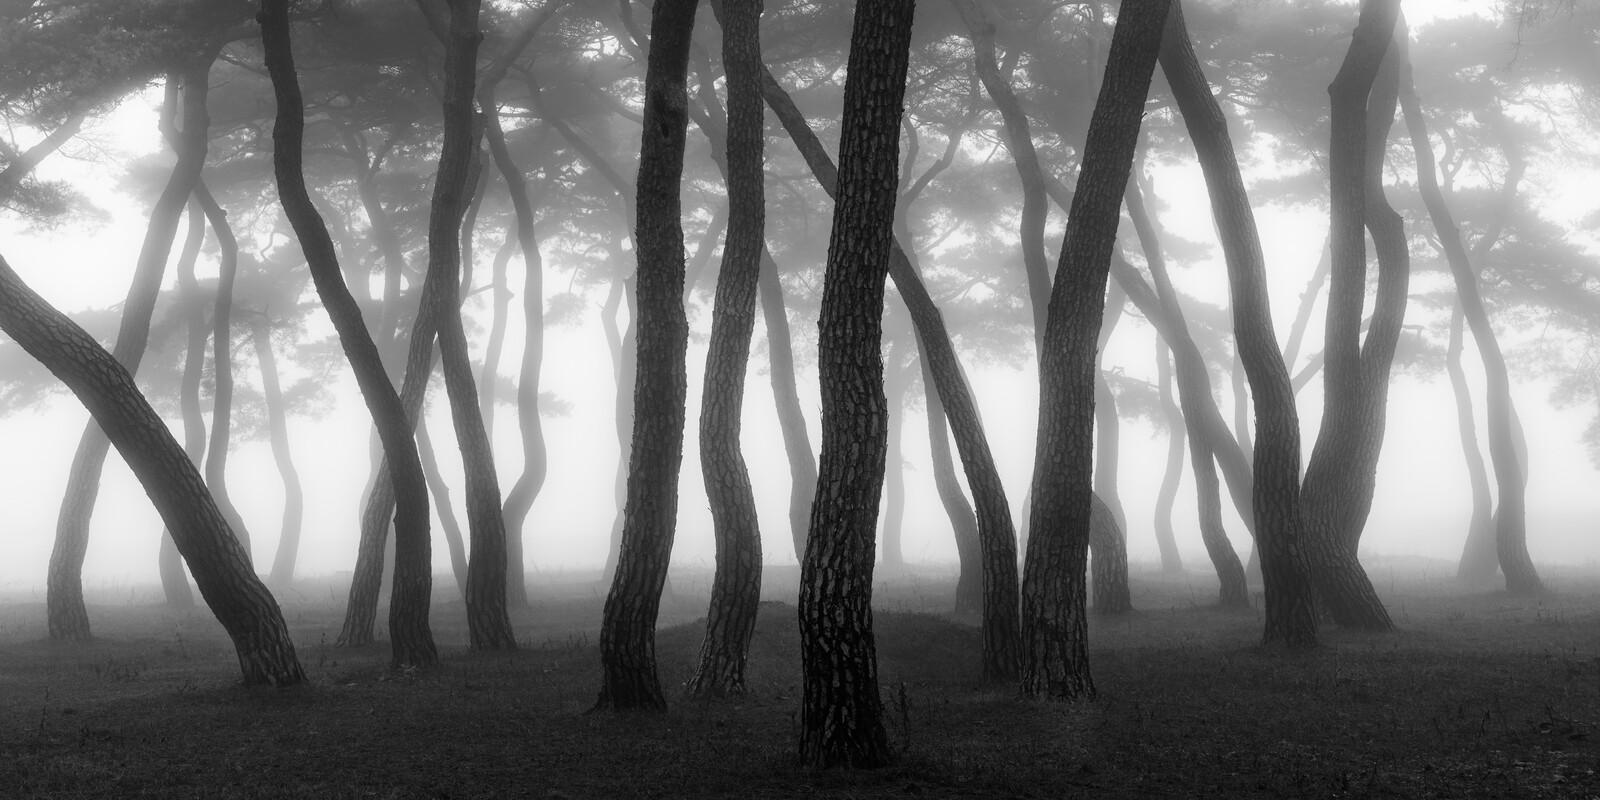 Pine Forest III - Nathaniel Merz